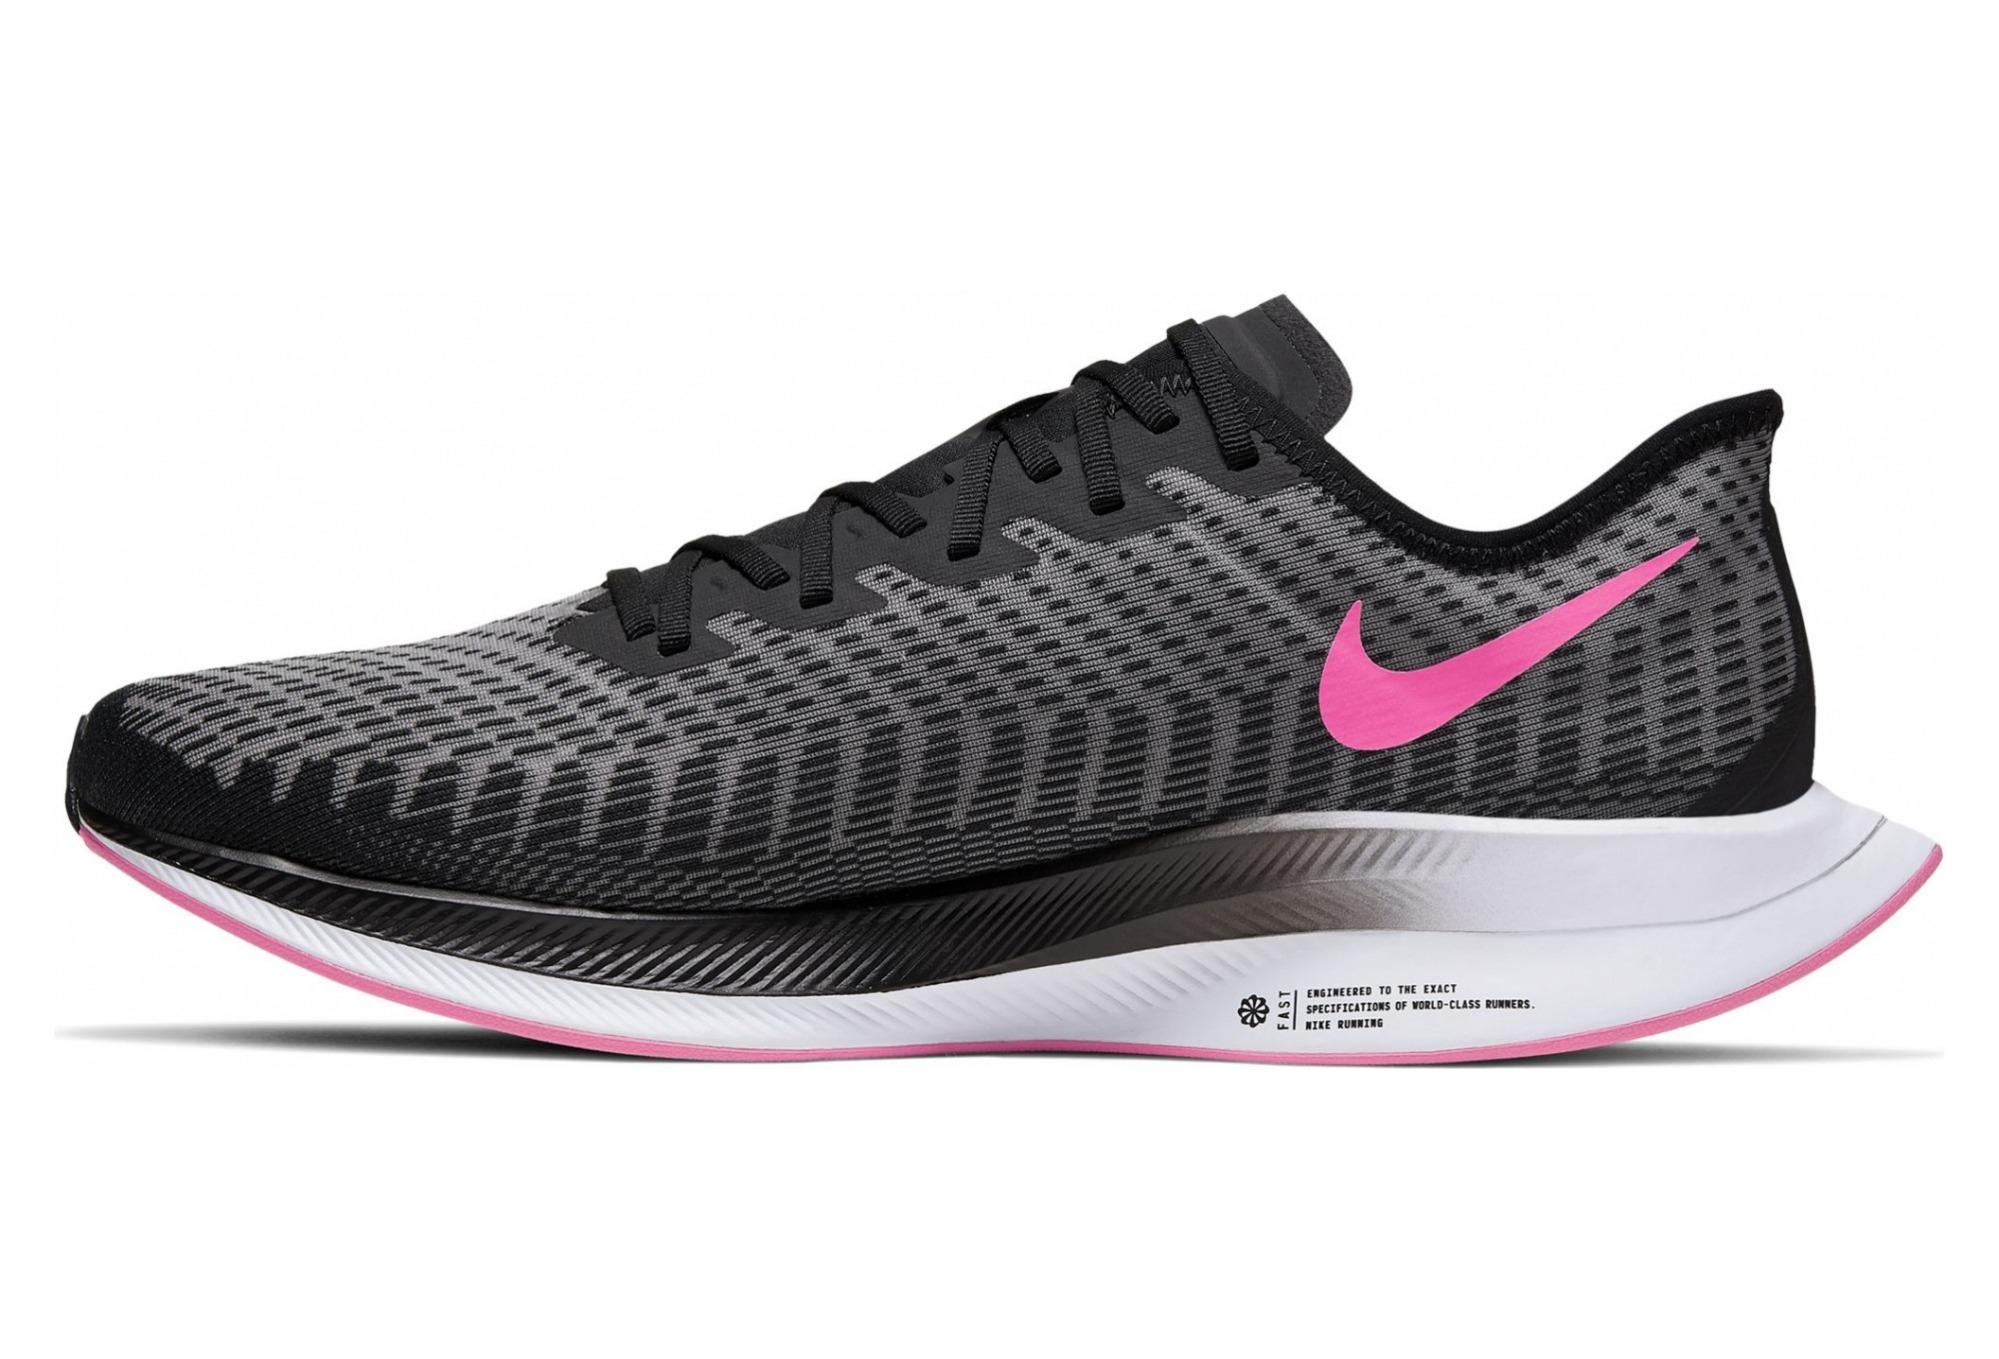 Best Nike Air Pegasus 33 Pink of 2020 Top Rated & Reviewed